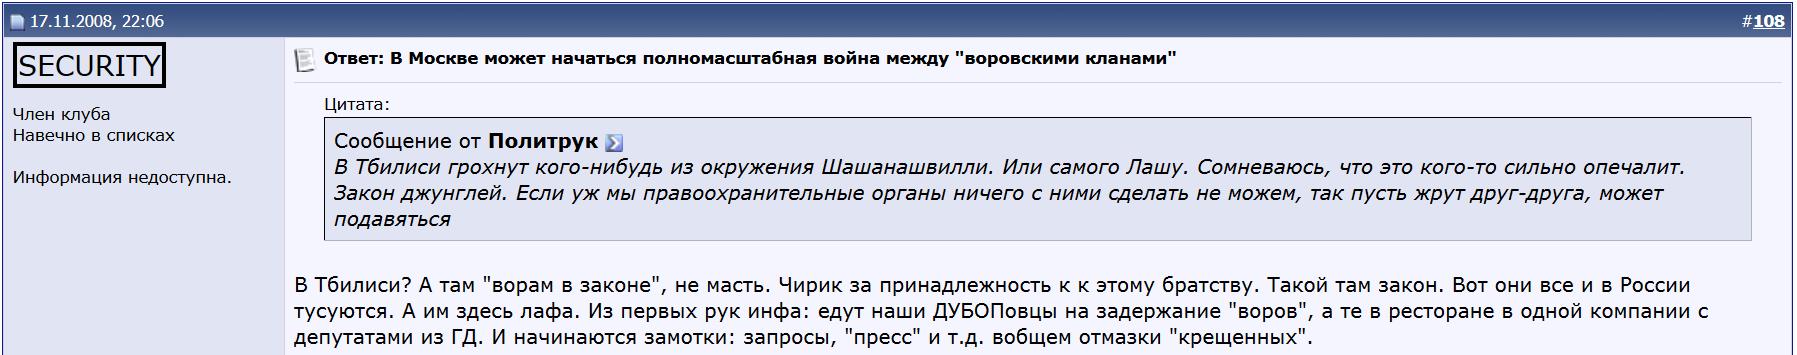 Цитата: А в России - это вам не Грузия. Тут воров защищают депутаты из ГД (госдума, надо полагать)